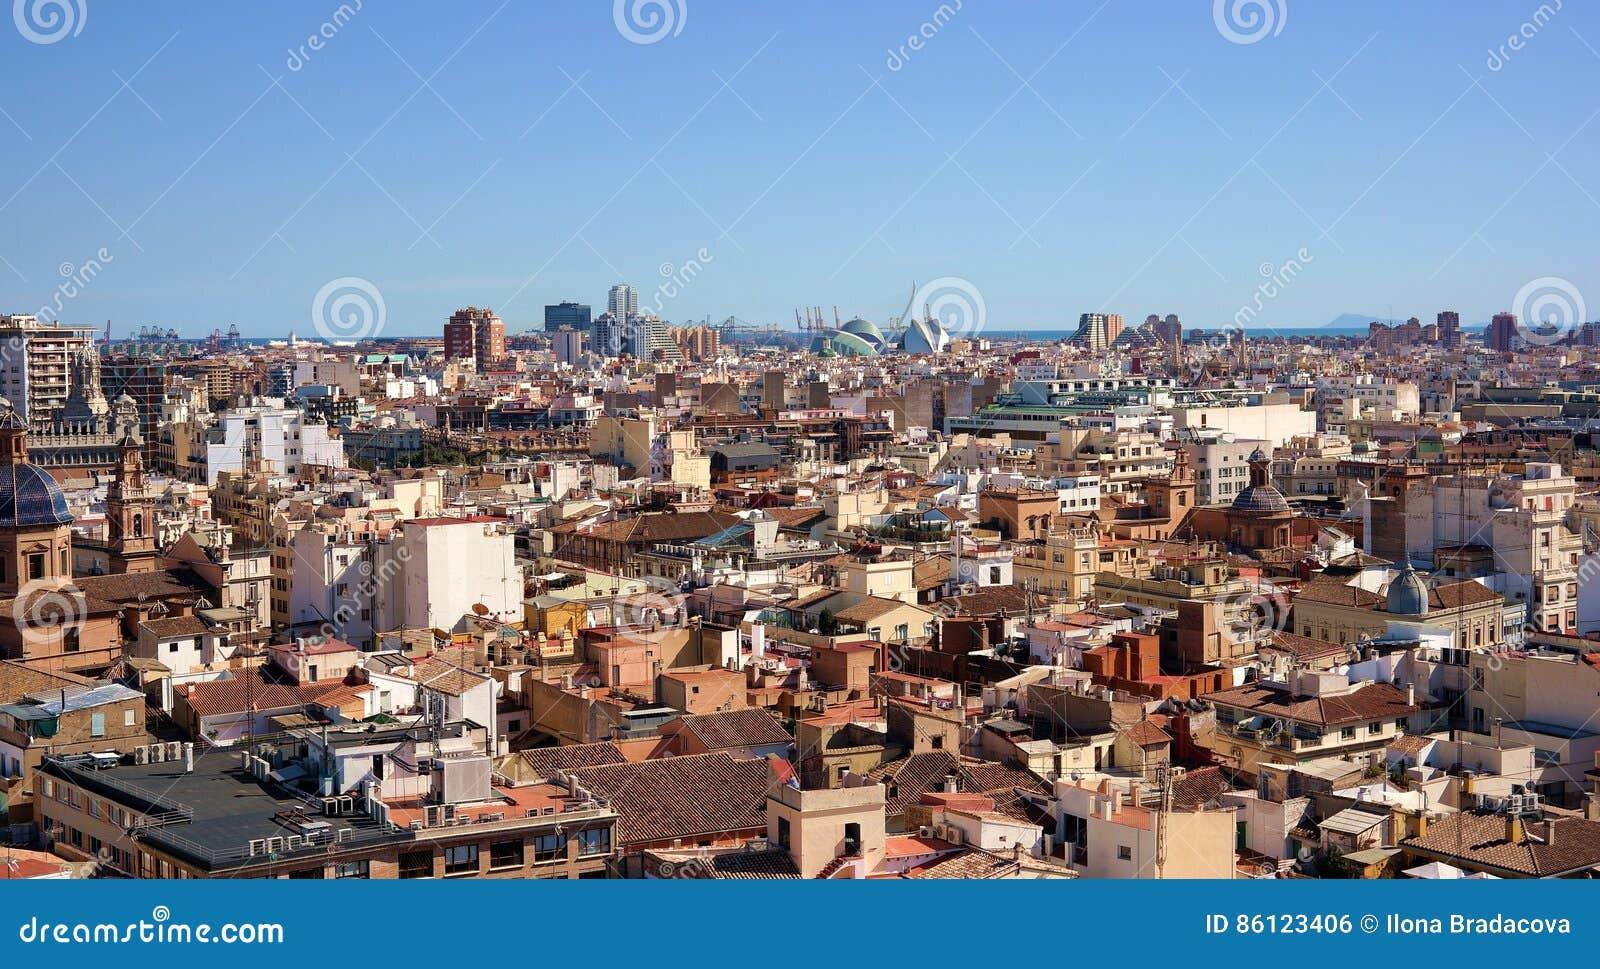 Городской пейзаж города Валенсии